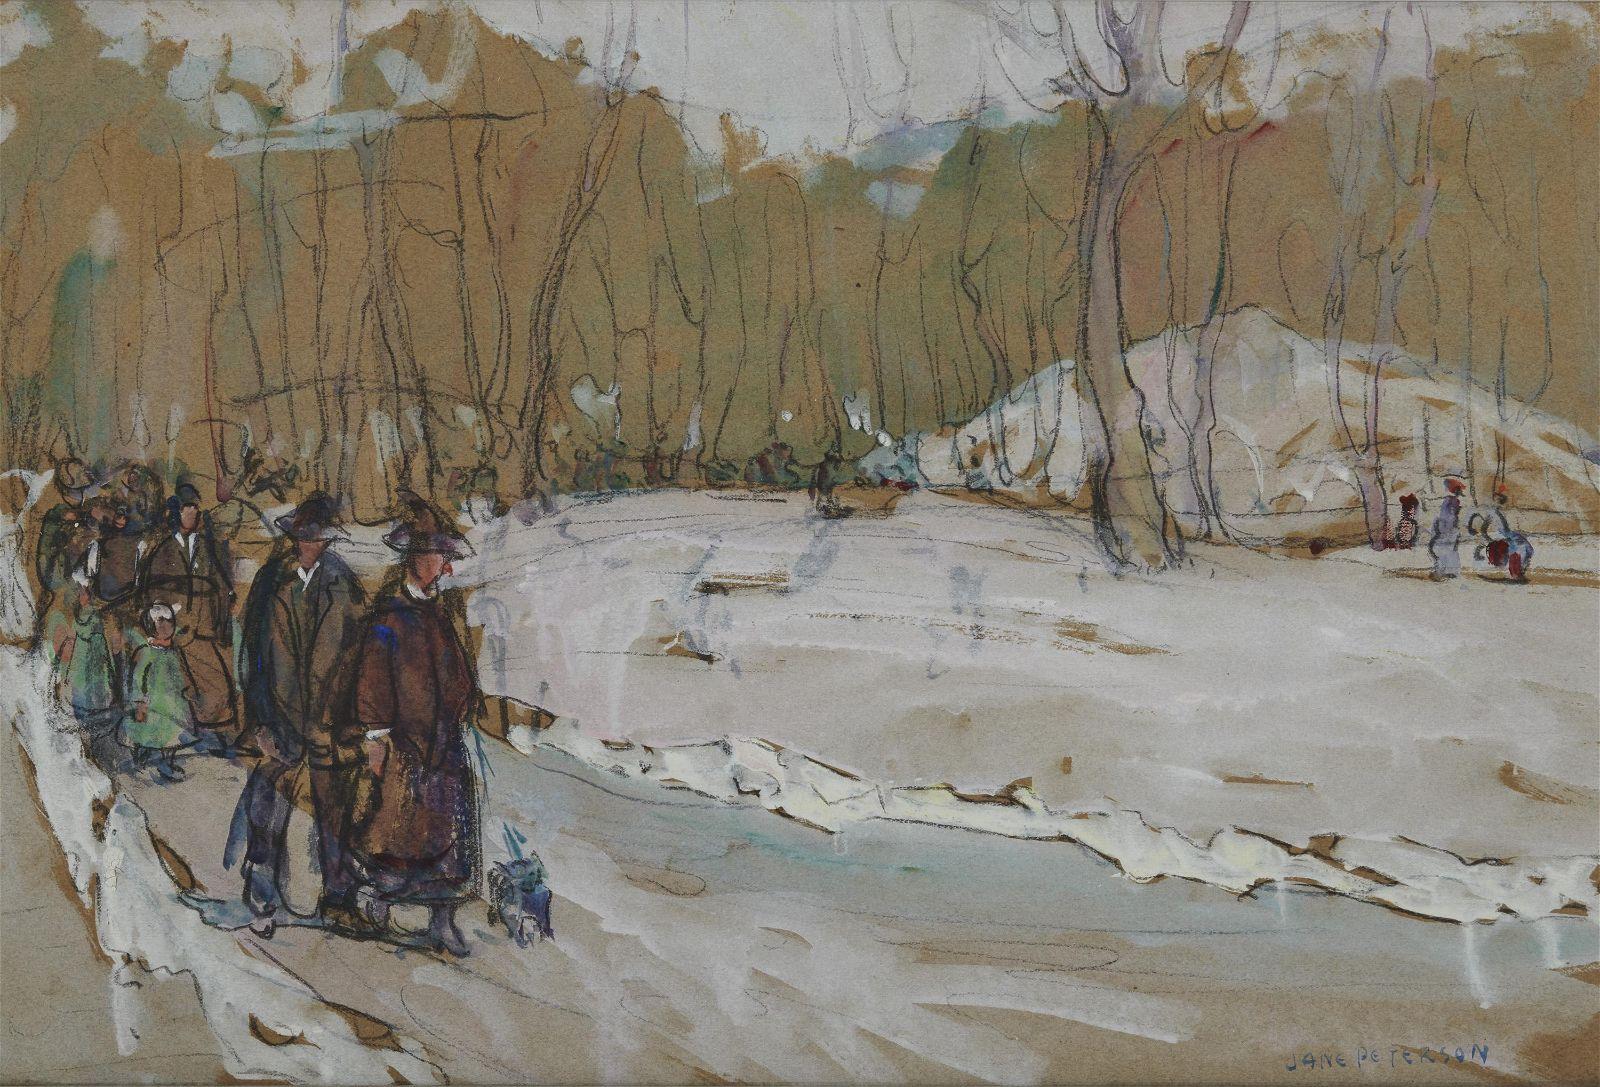 JANE PETERSON, (American, 1876-1965), Winter Stroll,